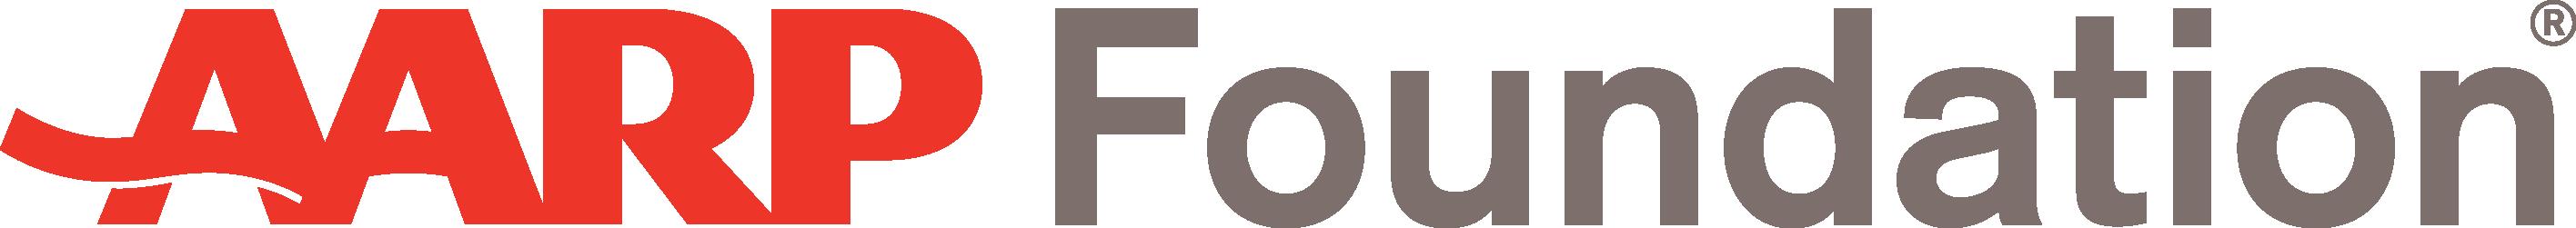 Aarp Logo Vector PNG - 33879